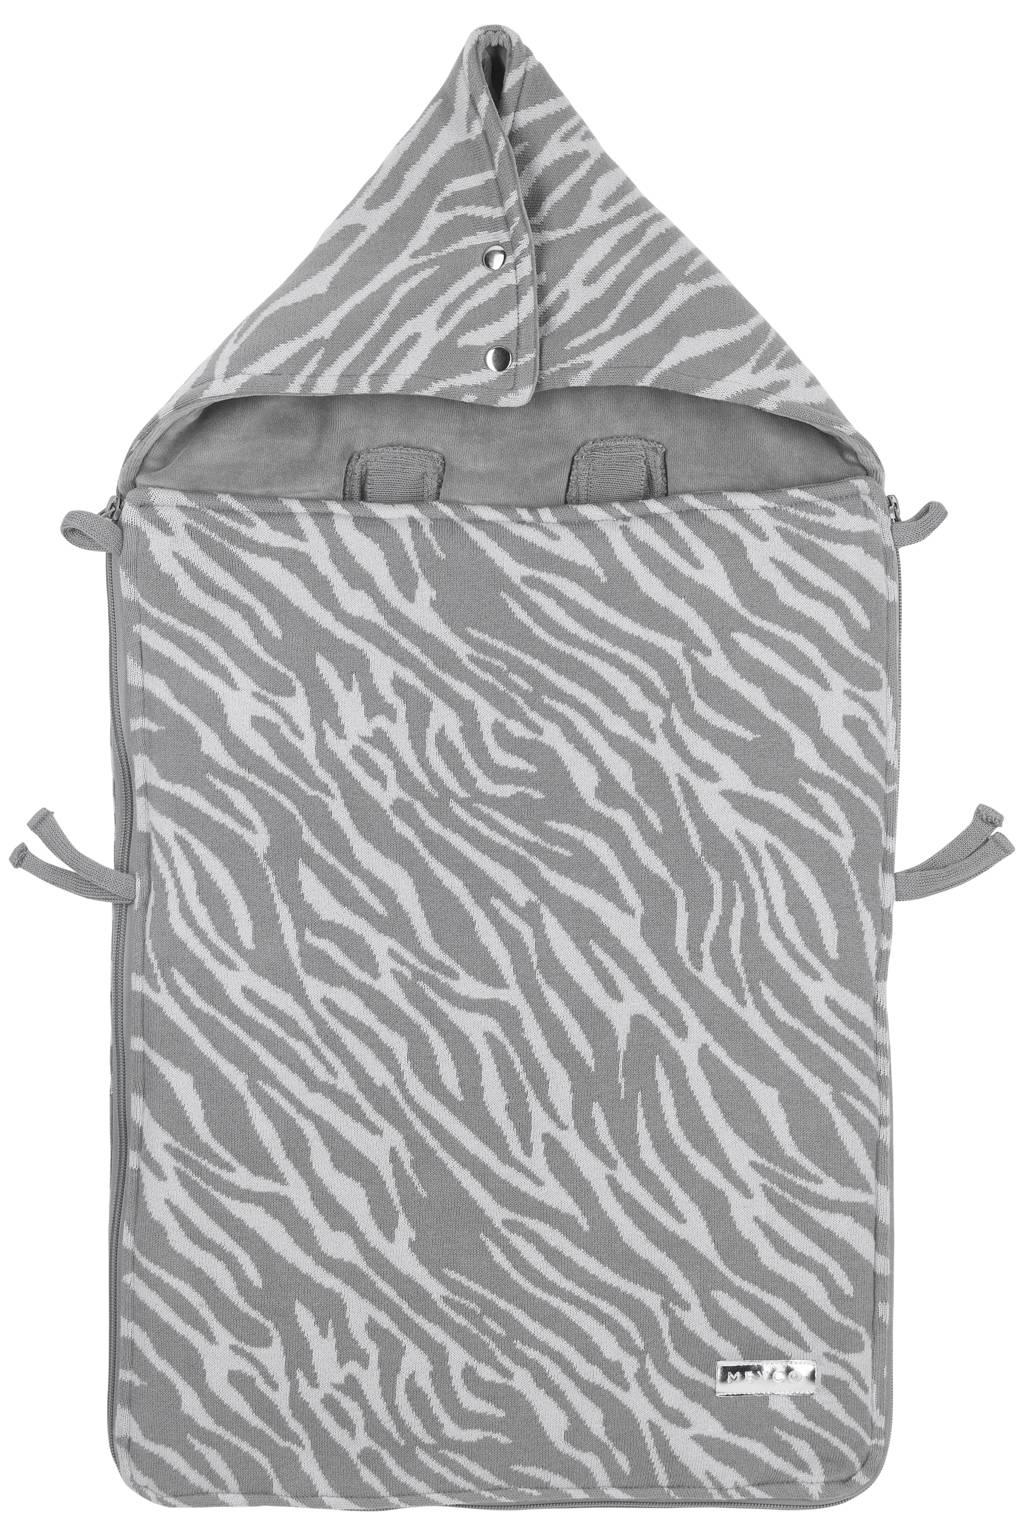 Meyco autostoel voetenzak Zebra grijs, Grijs